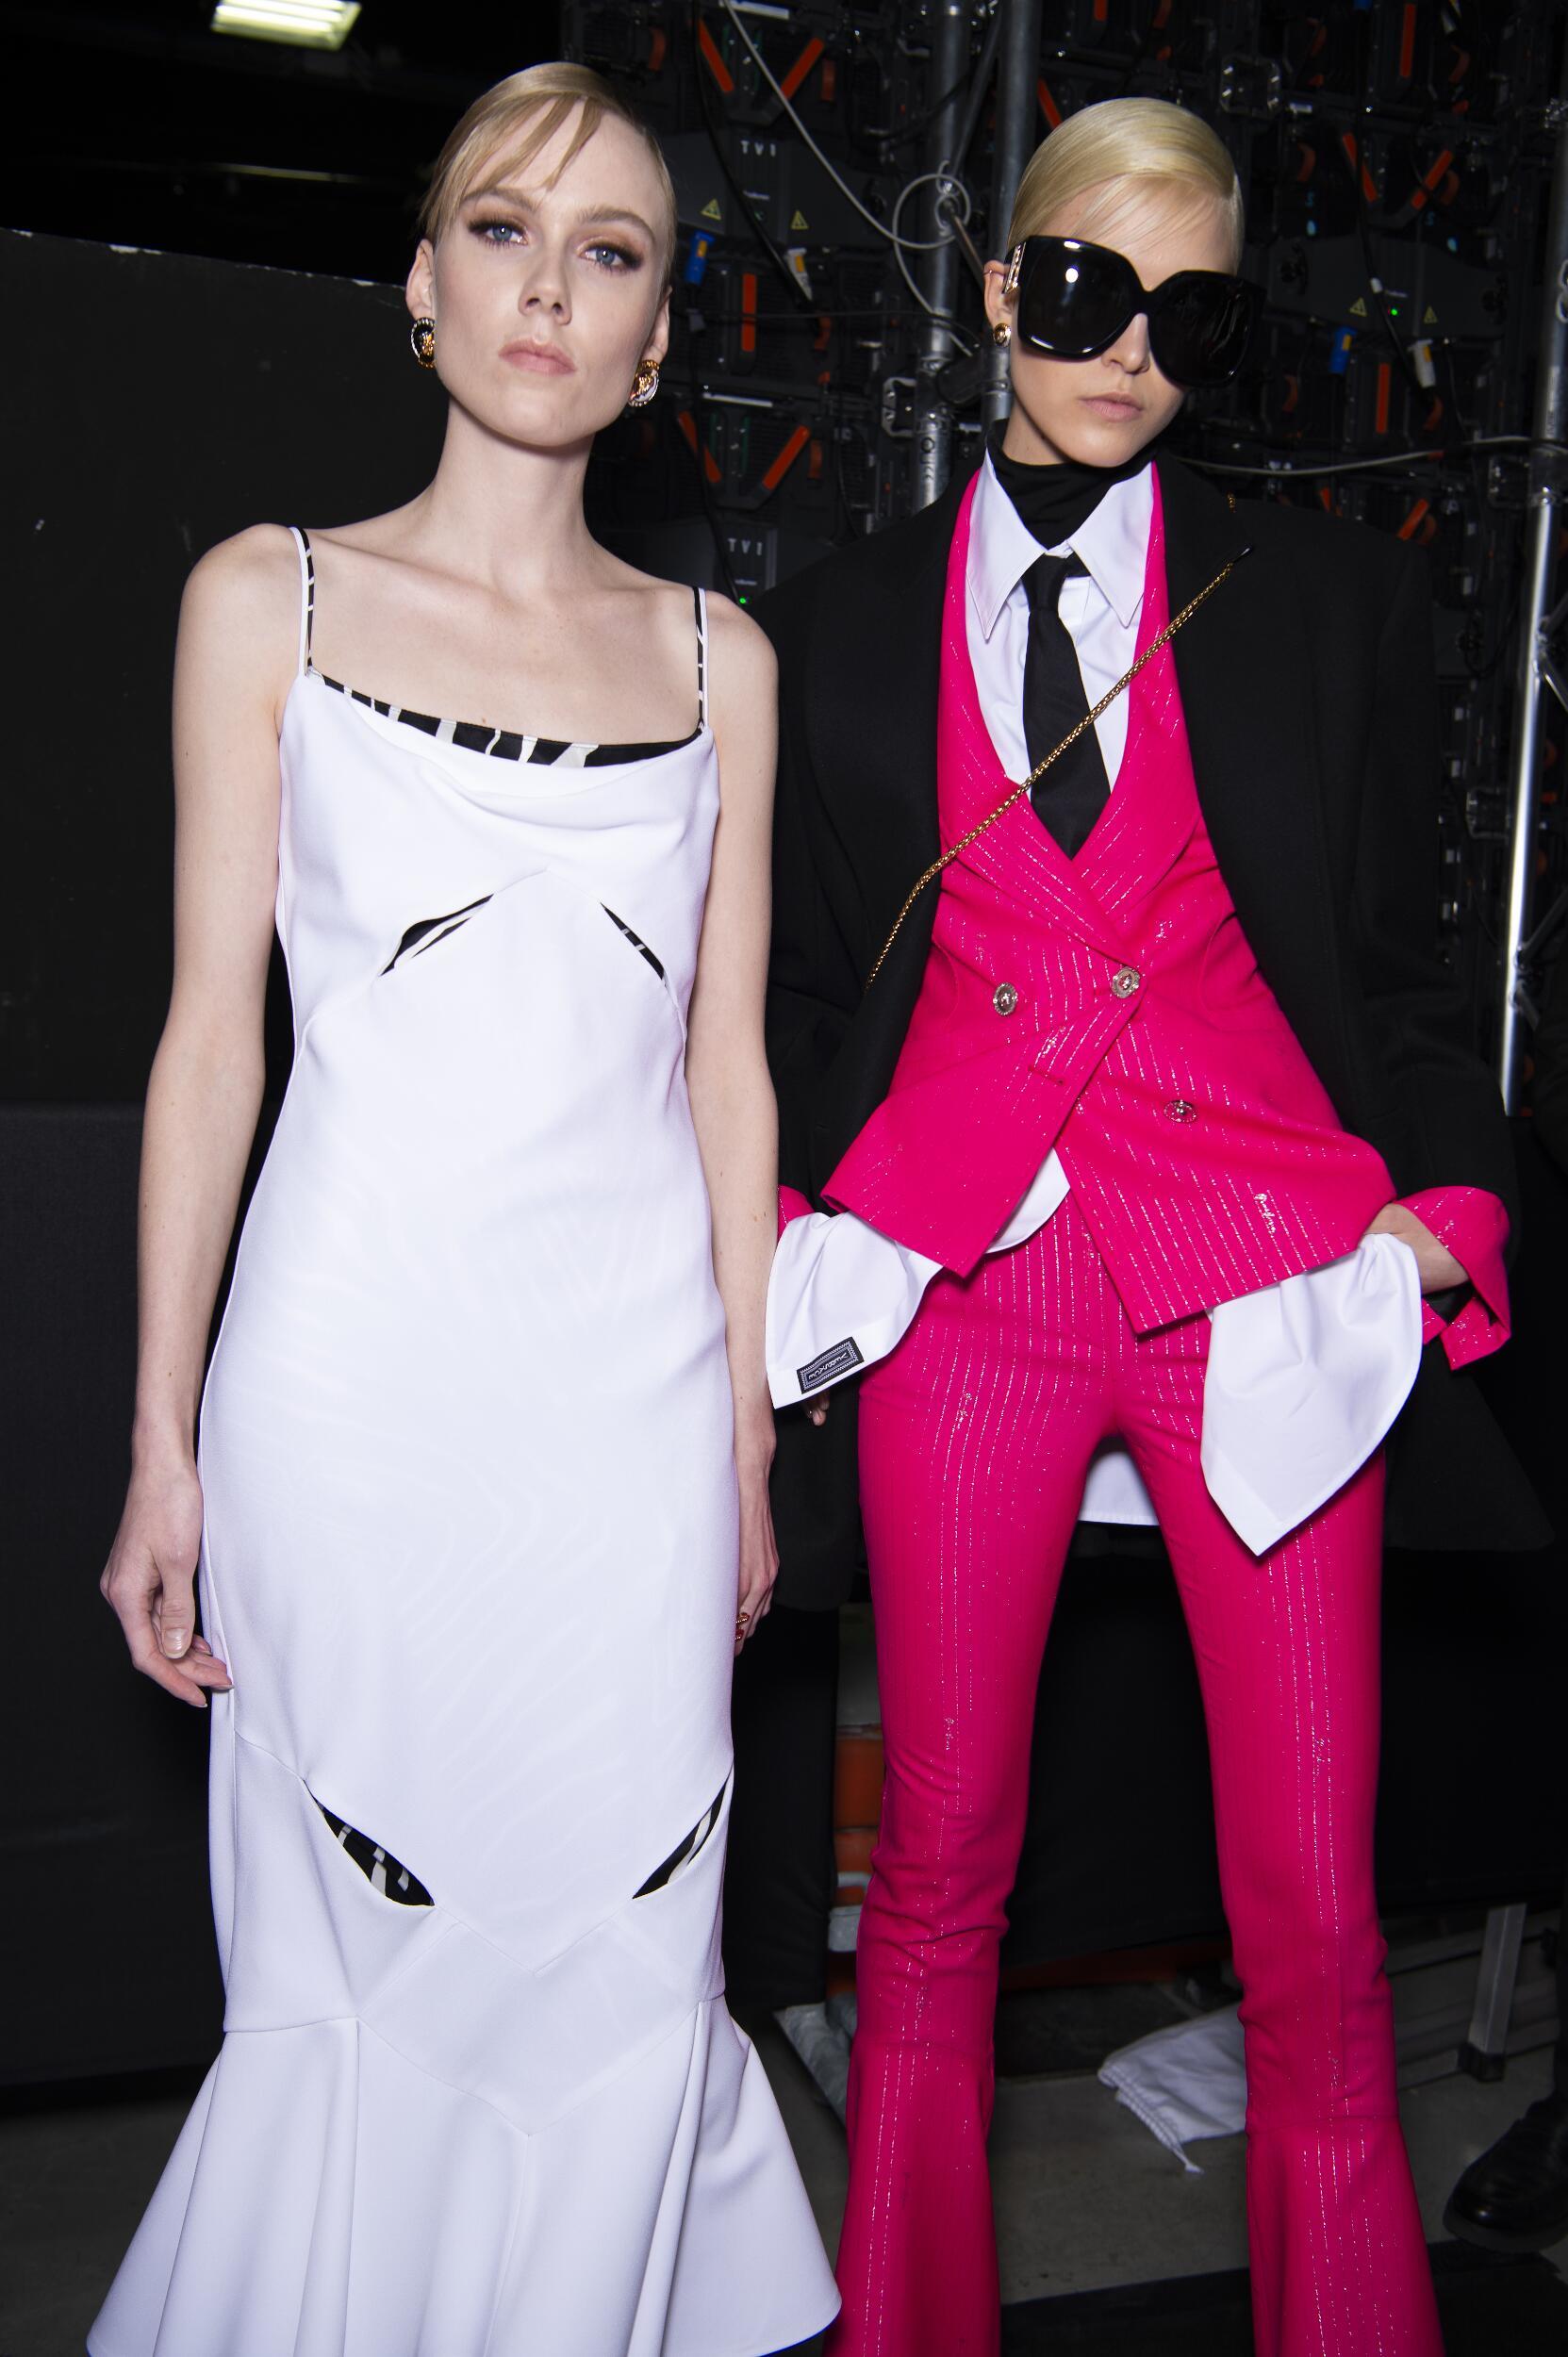 Backstage Versace Models 2020